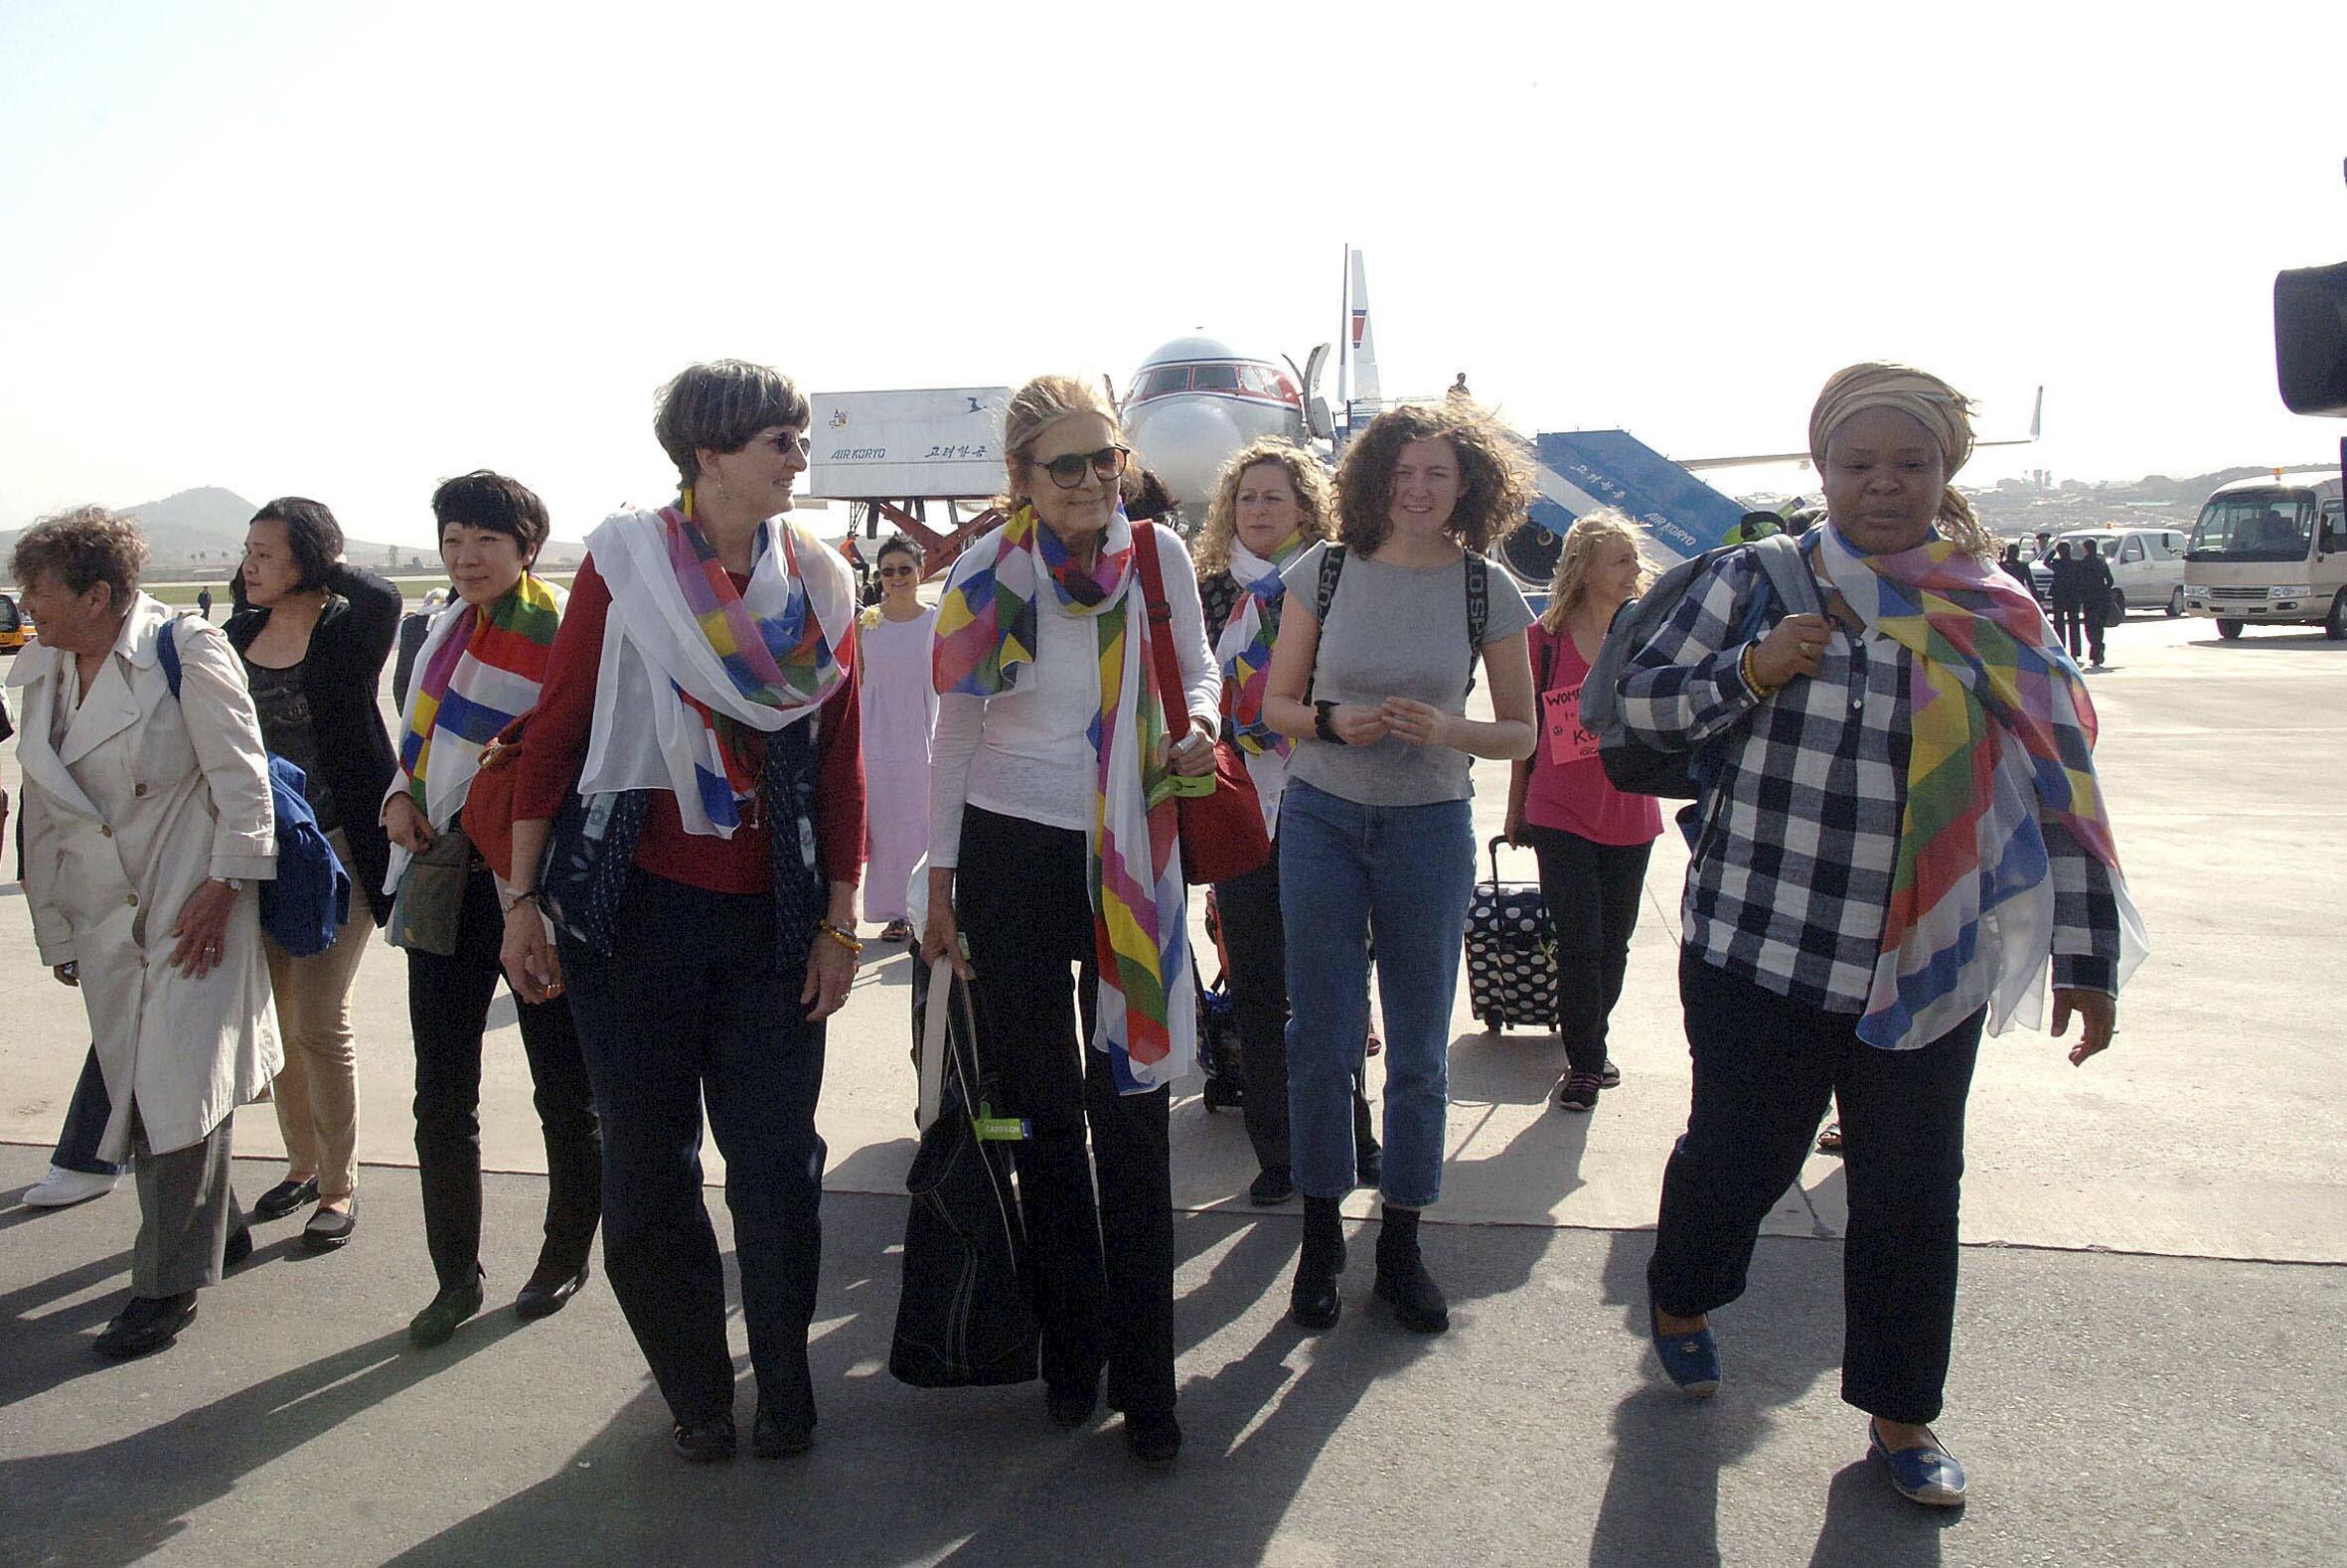 Đoàn phụ nữ quốc tế đi bộ vì hòa bình. Ảnh do KCNA cung cấp ngày 19/05/2015.